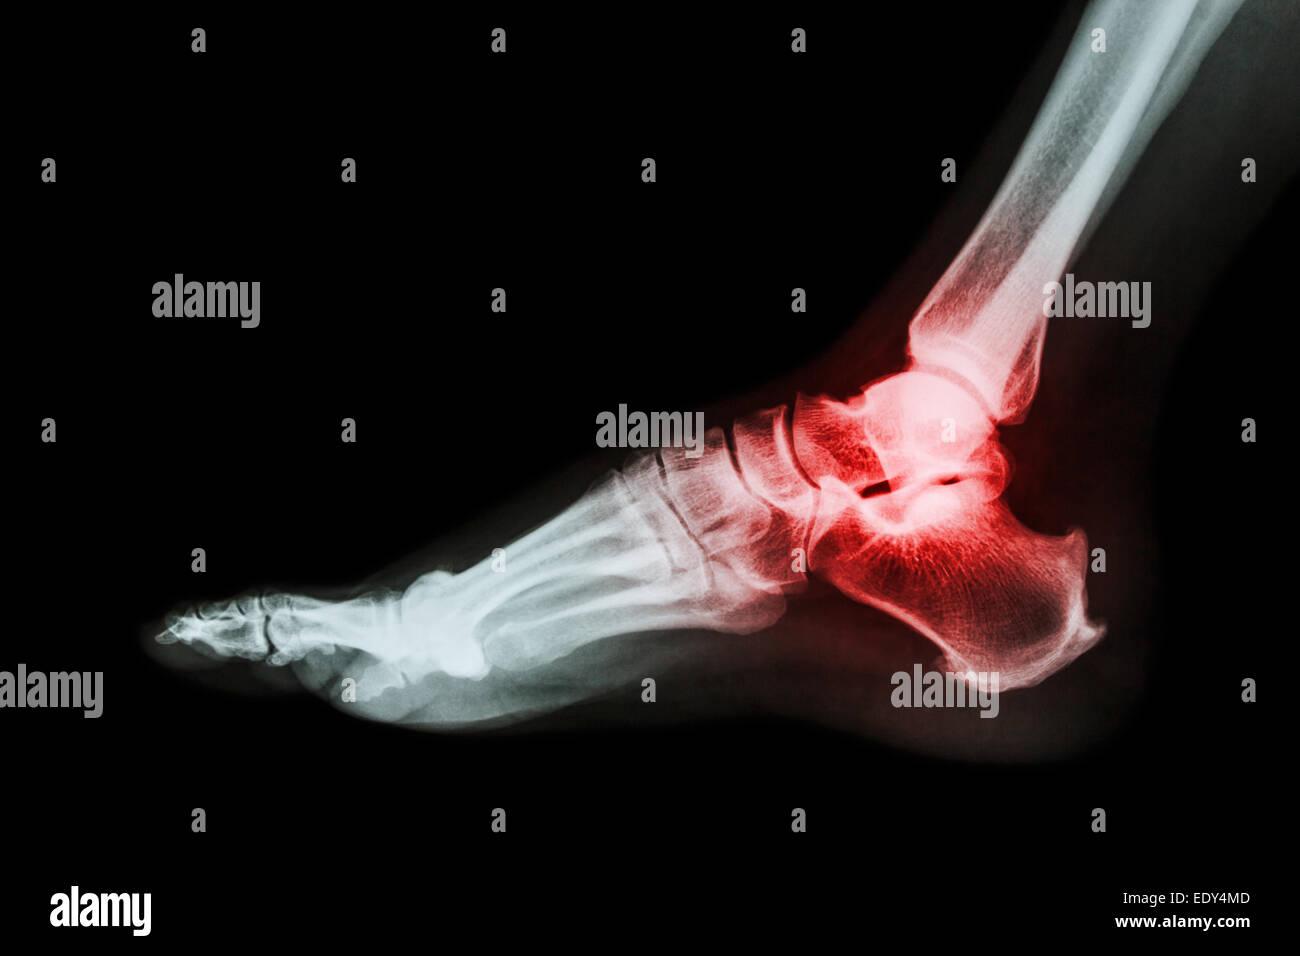 Arthritis at ankle joint (Gout , Rheumatoid arthritis) - Stock Image